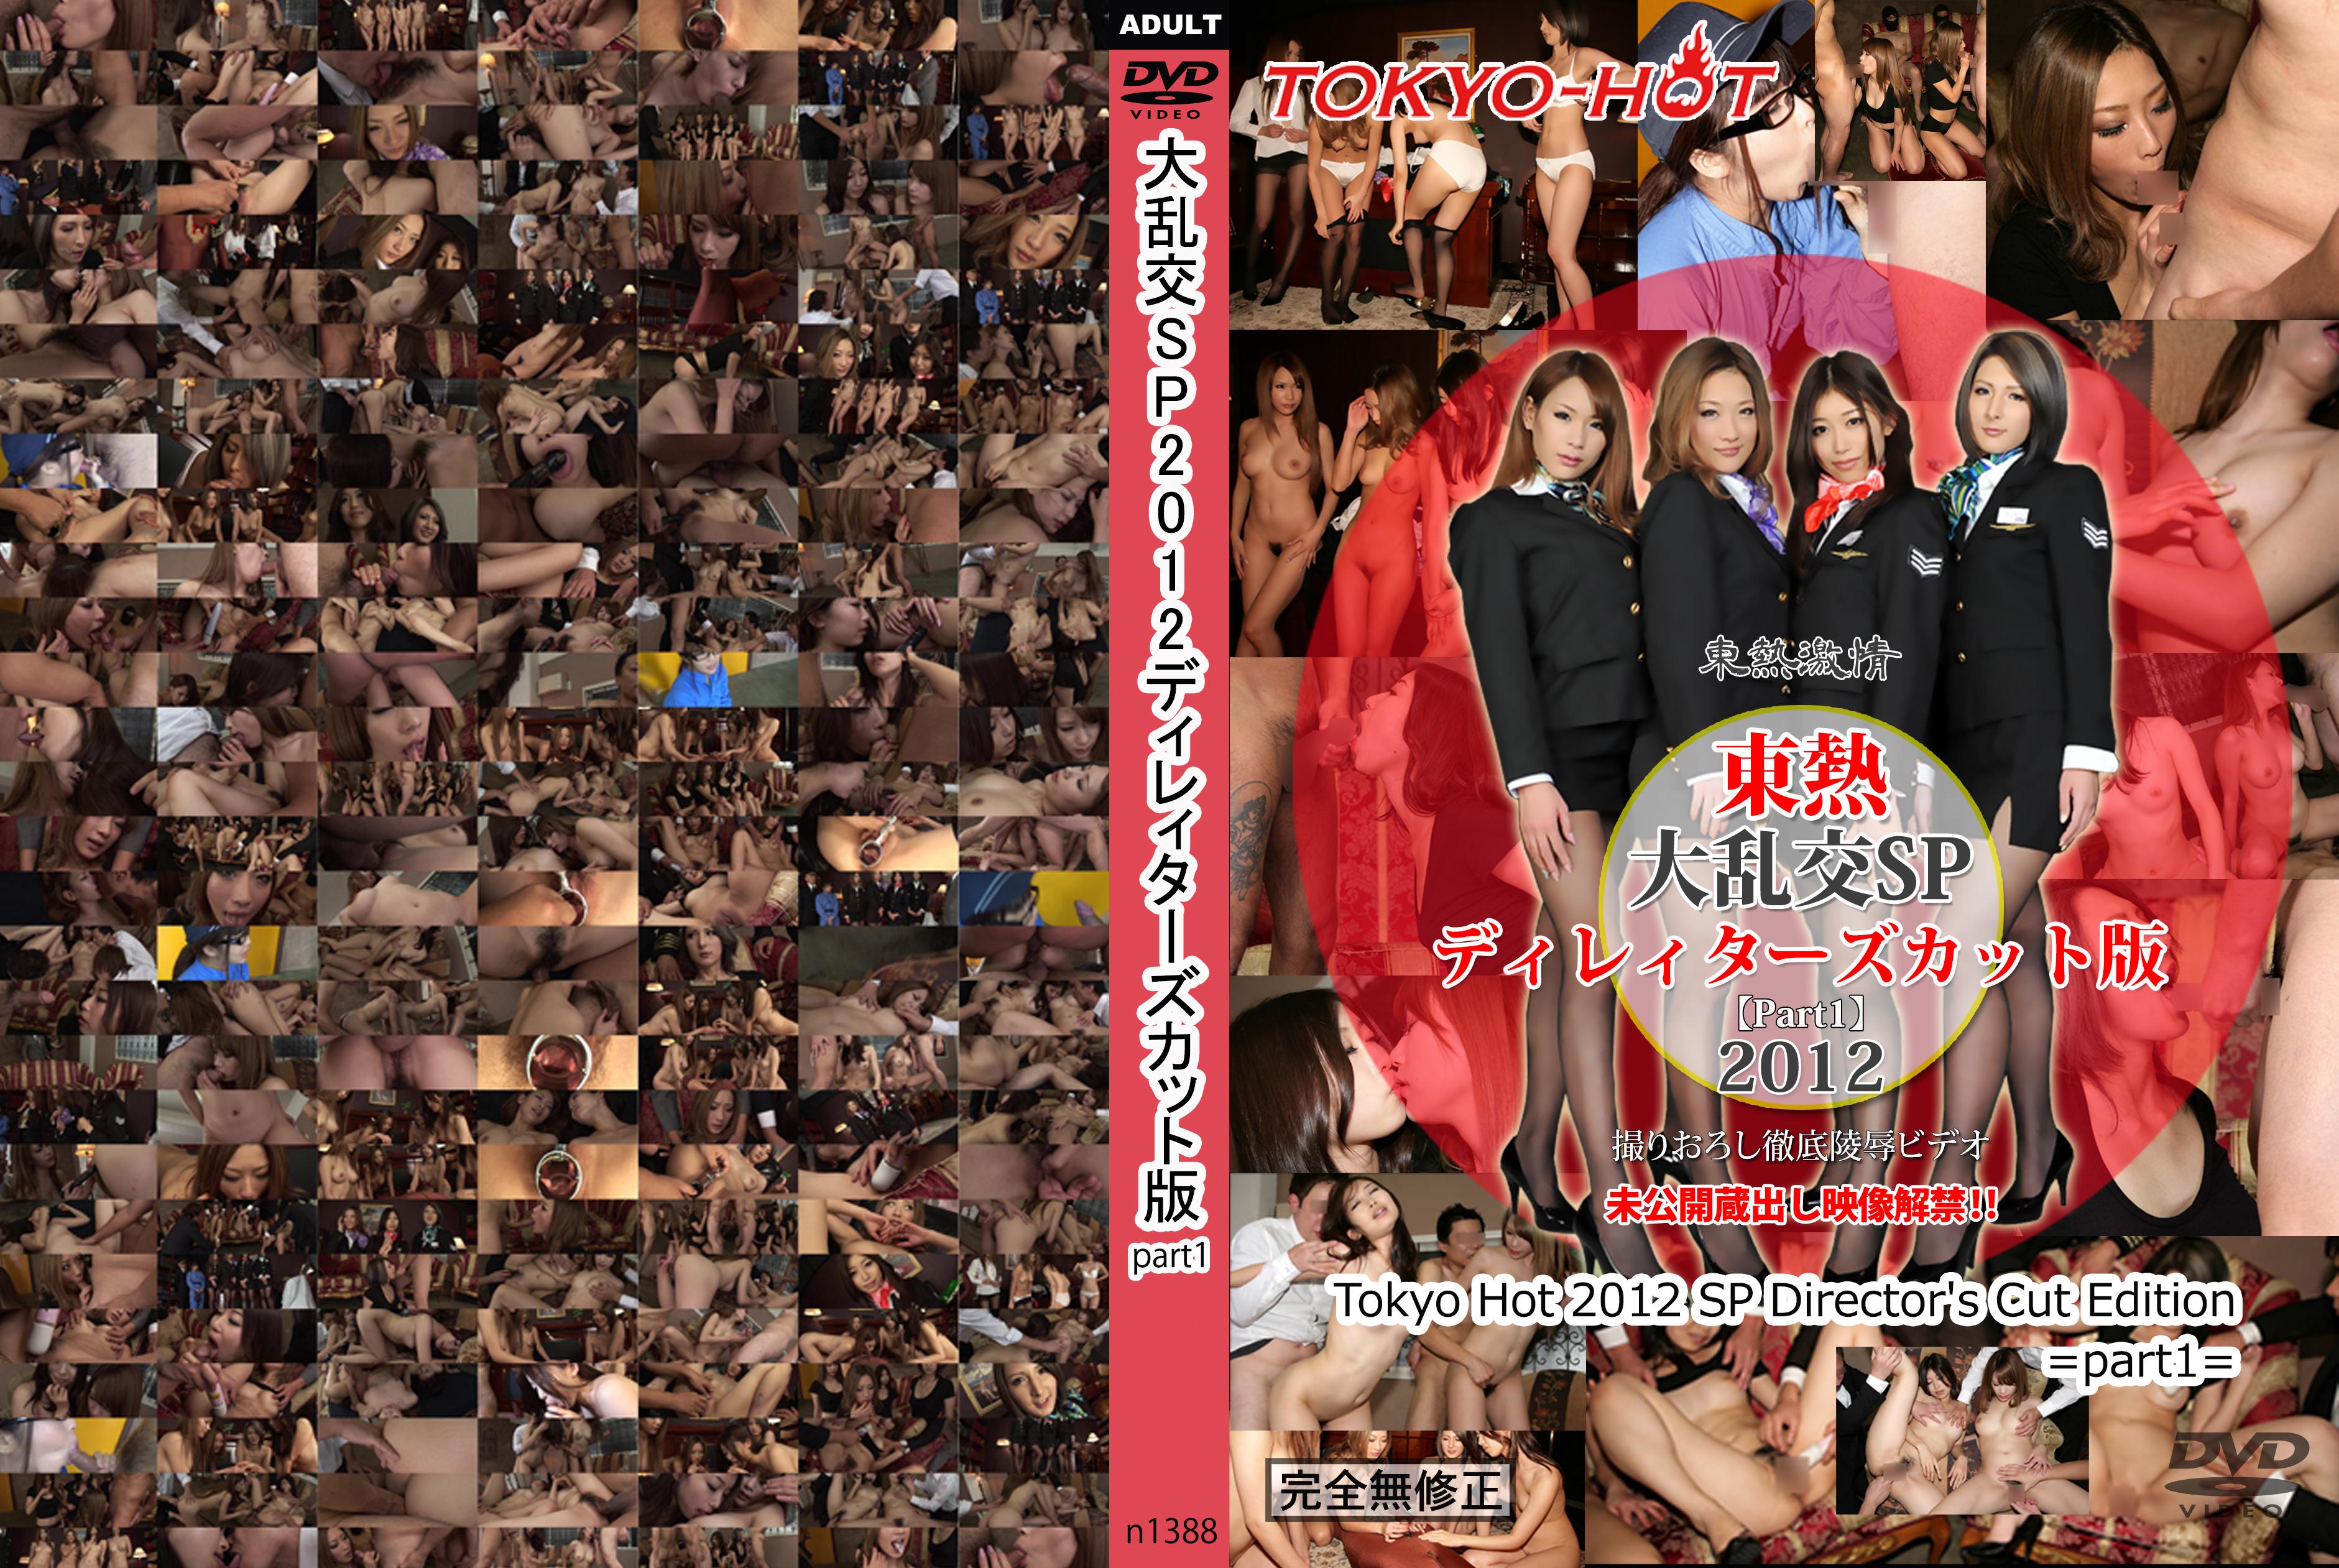 大乱交SP2012ディレィターズカット版 part1